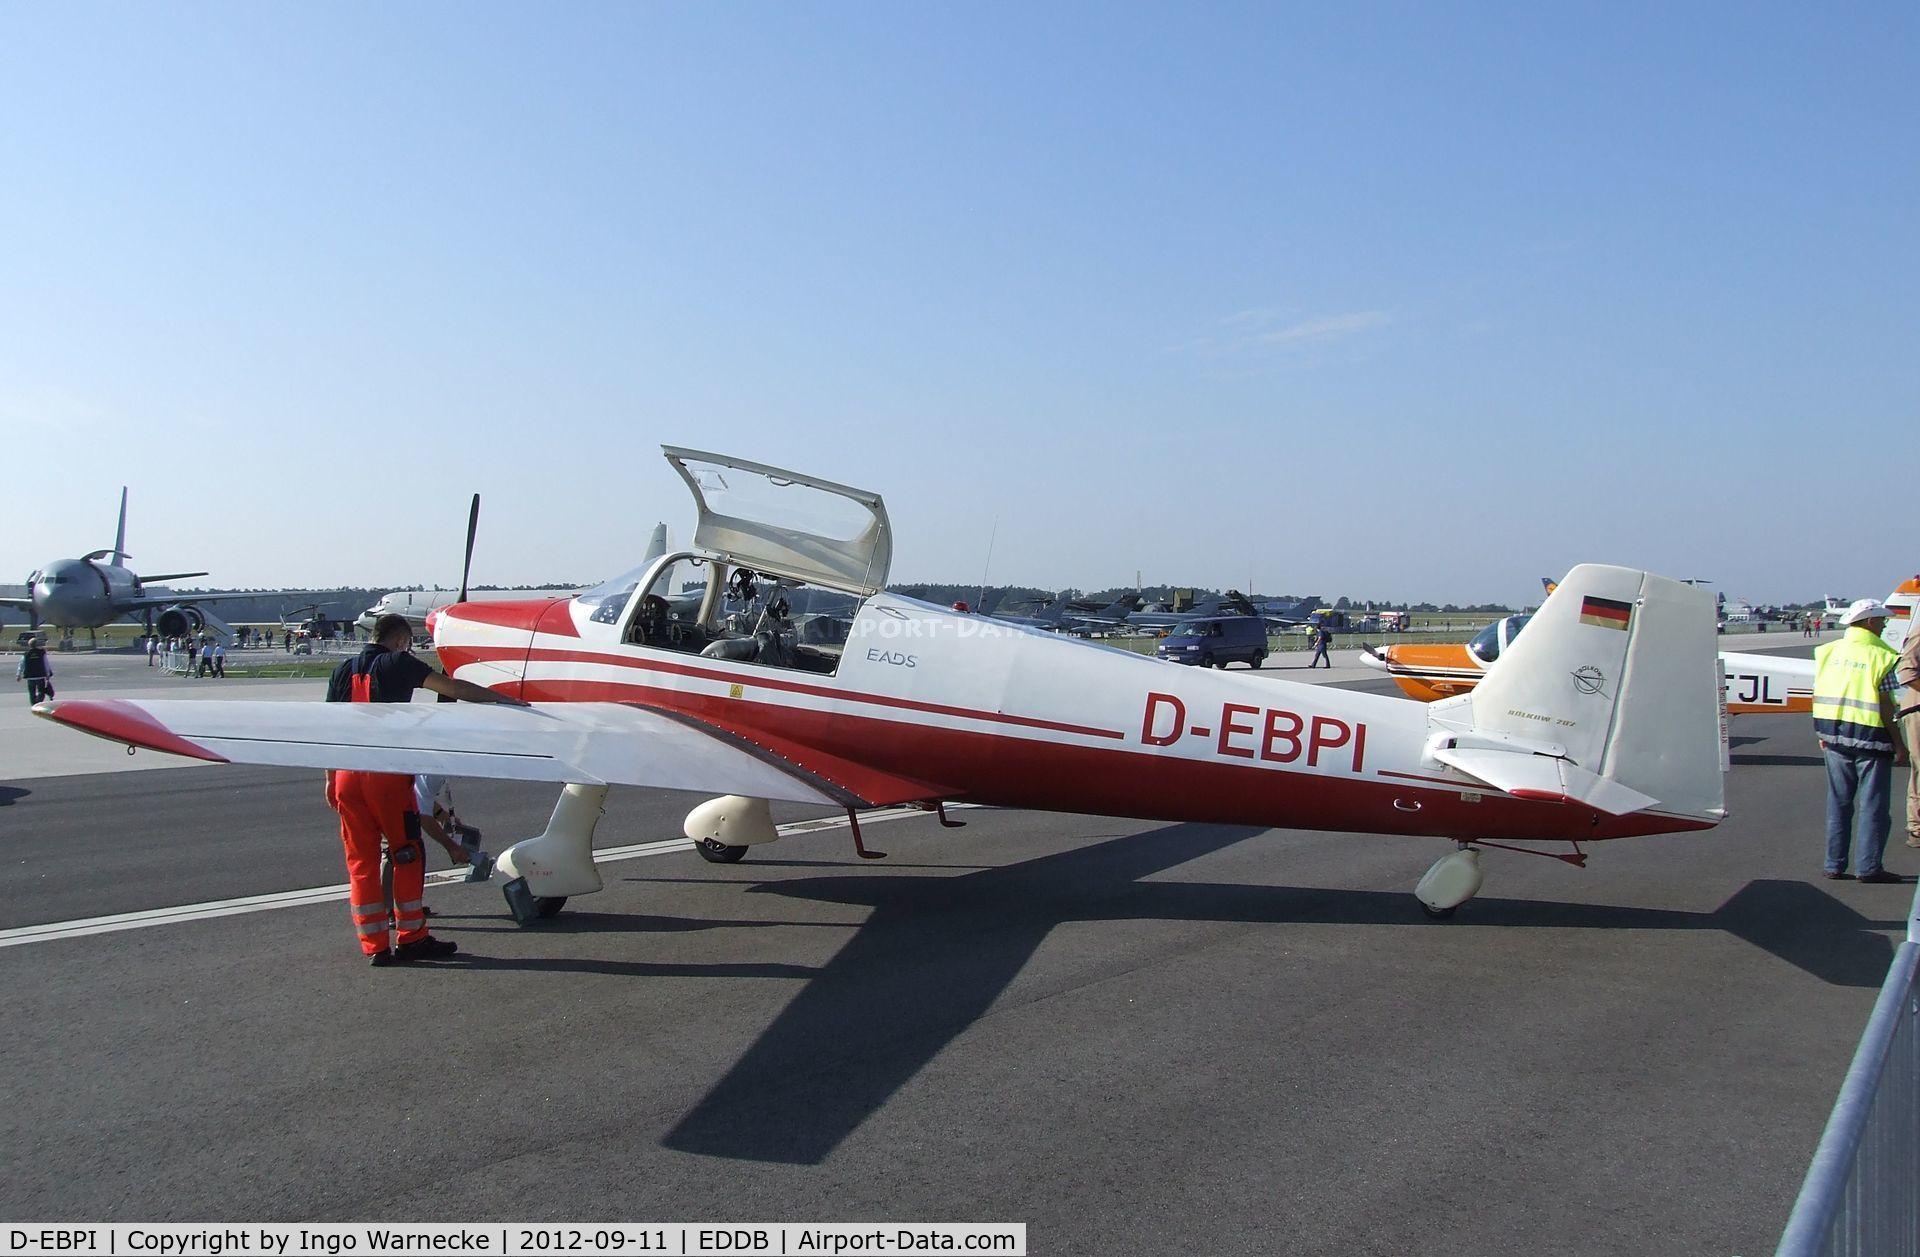 D-EBPI, 1962 Bolkow Bo-207 C/N 237, Bölkow Bo 207 at ILA 2012, Berlin